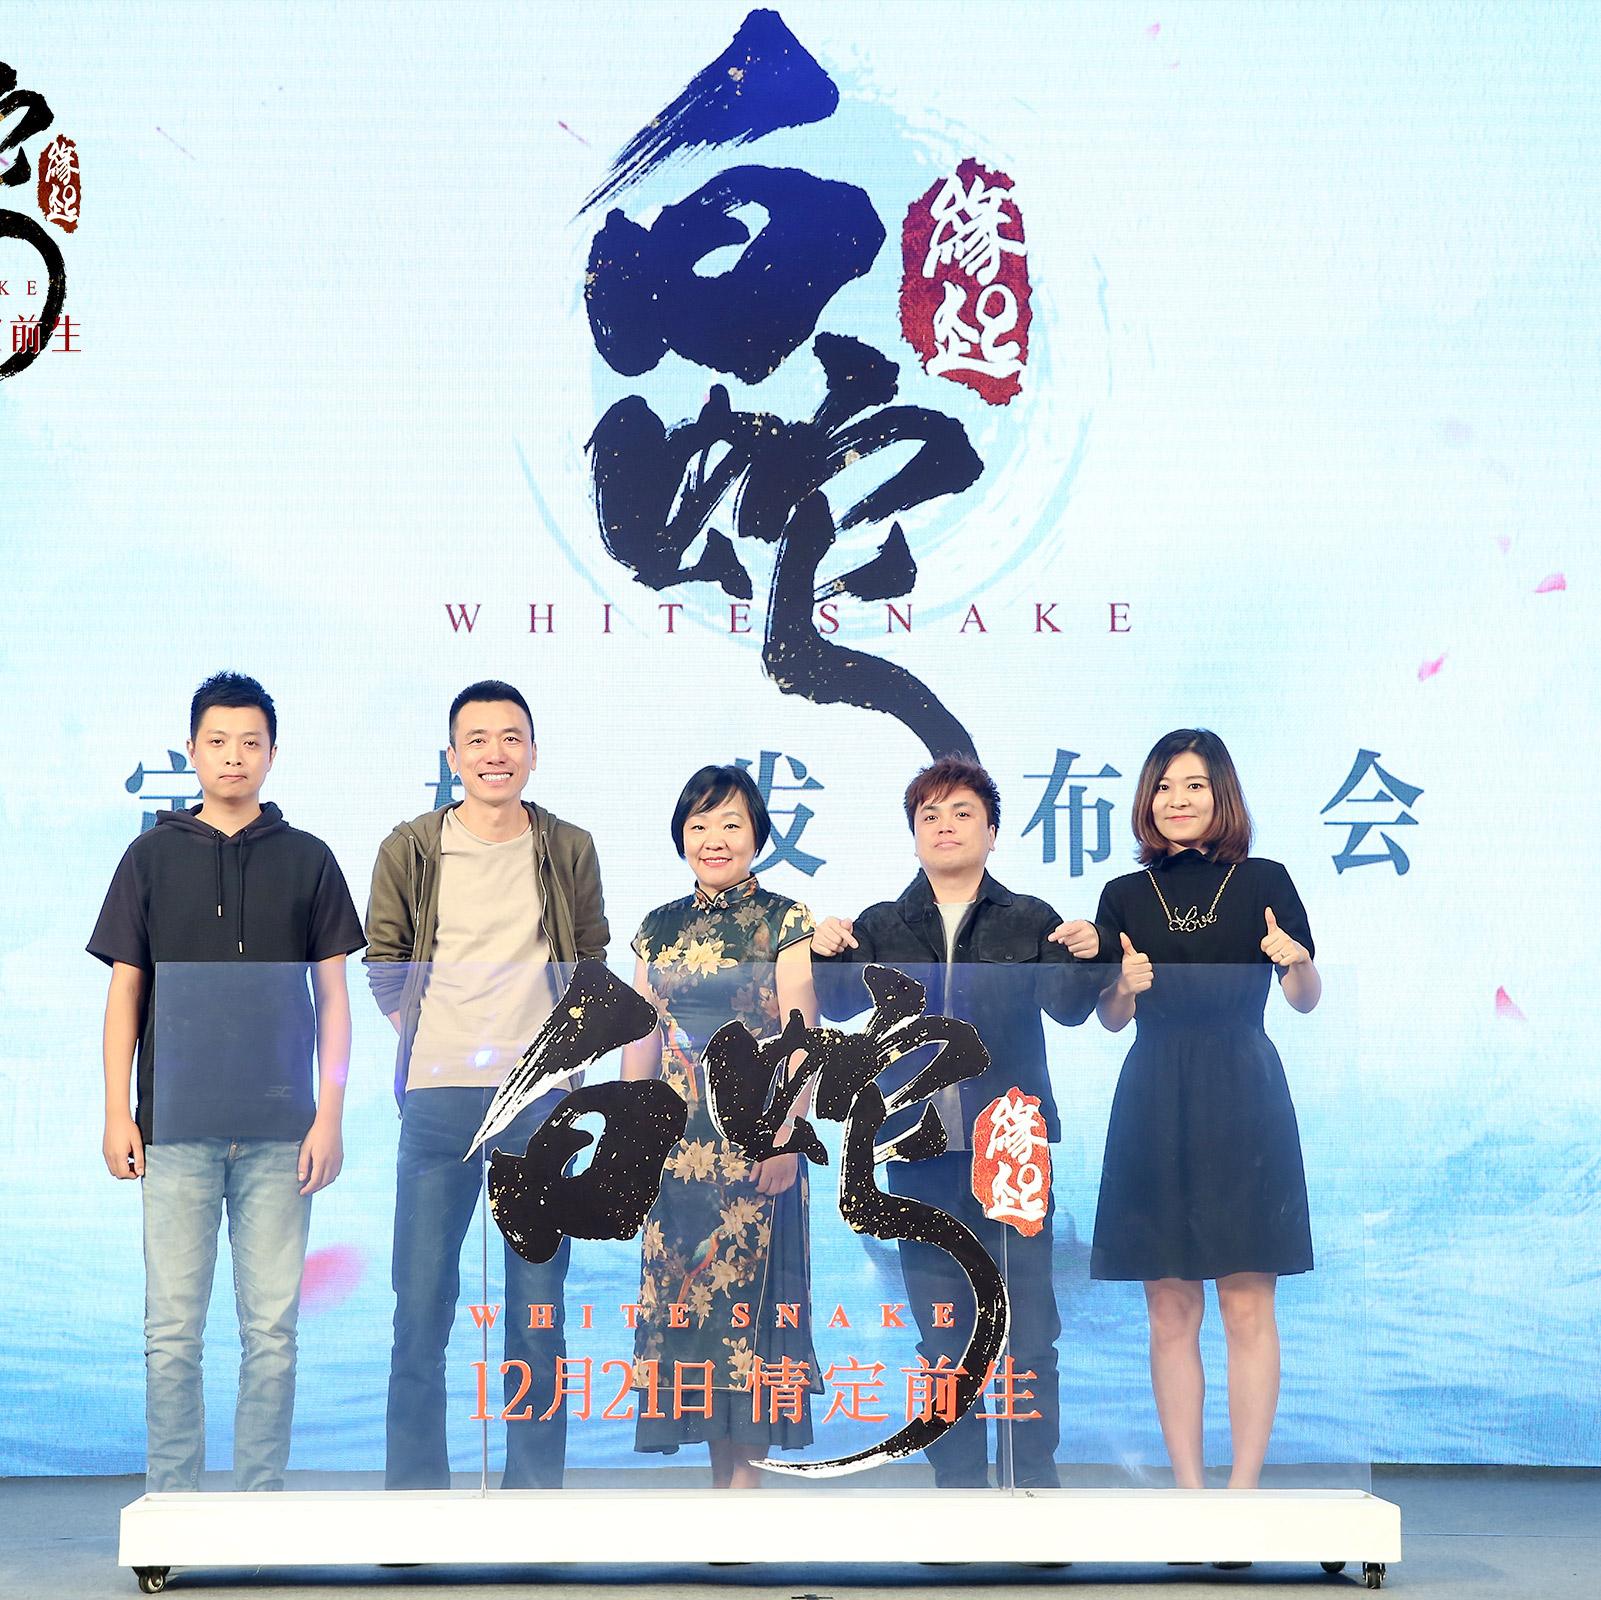 《白蛇:缘起》定档12月21 讲述白蛇前世爱情